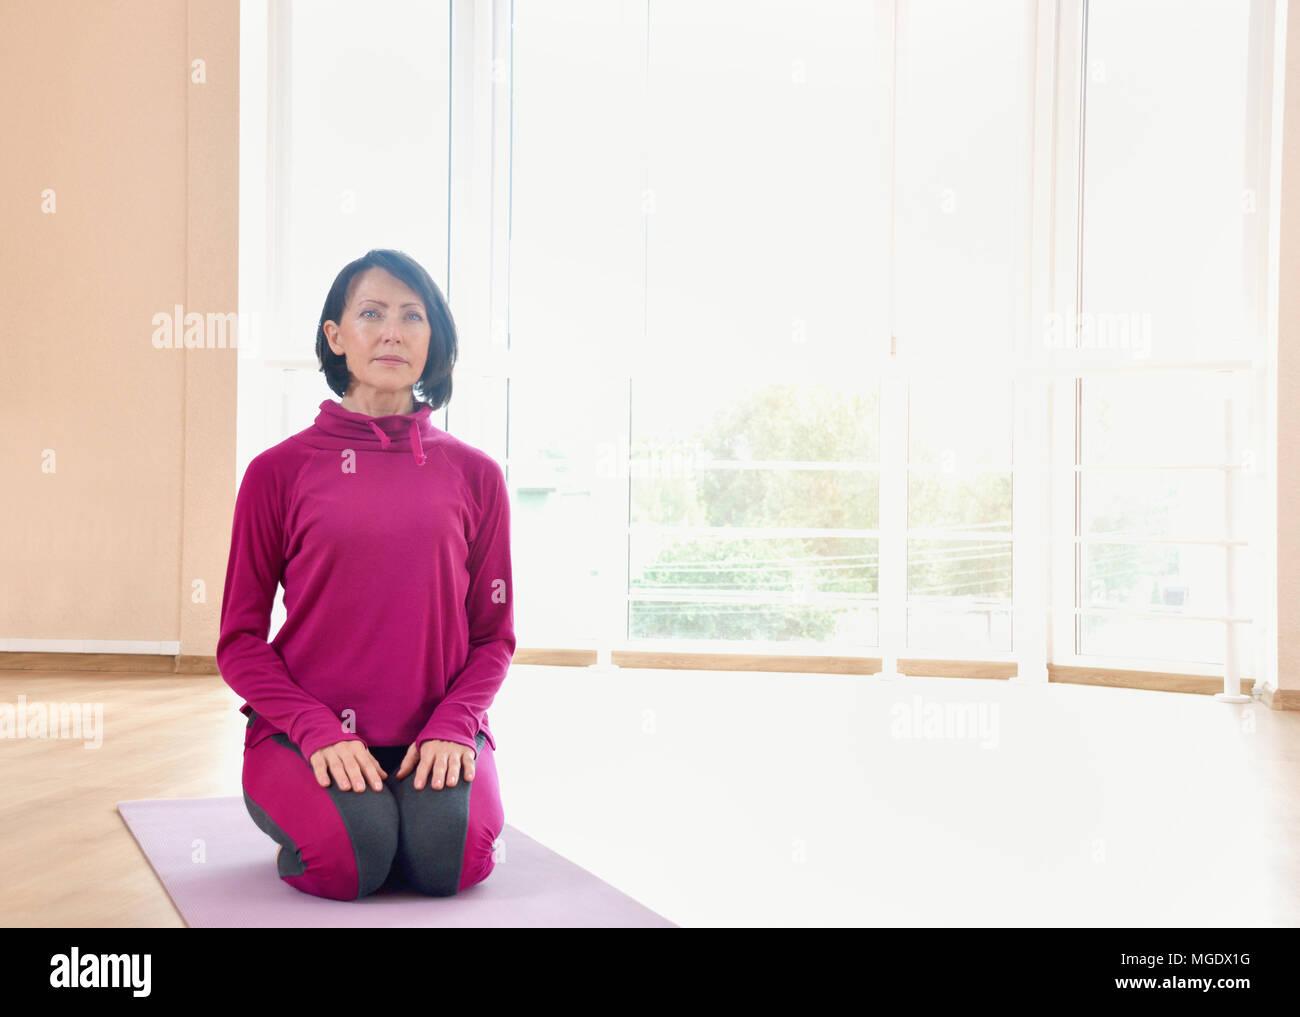 Donna matura sedersi sul tappeto sulle ginocchia. Un sano concetto di fitness con uno stile di vita attivo. Foto Stock